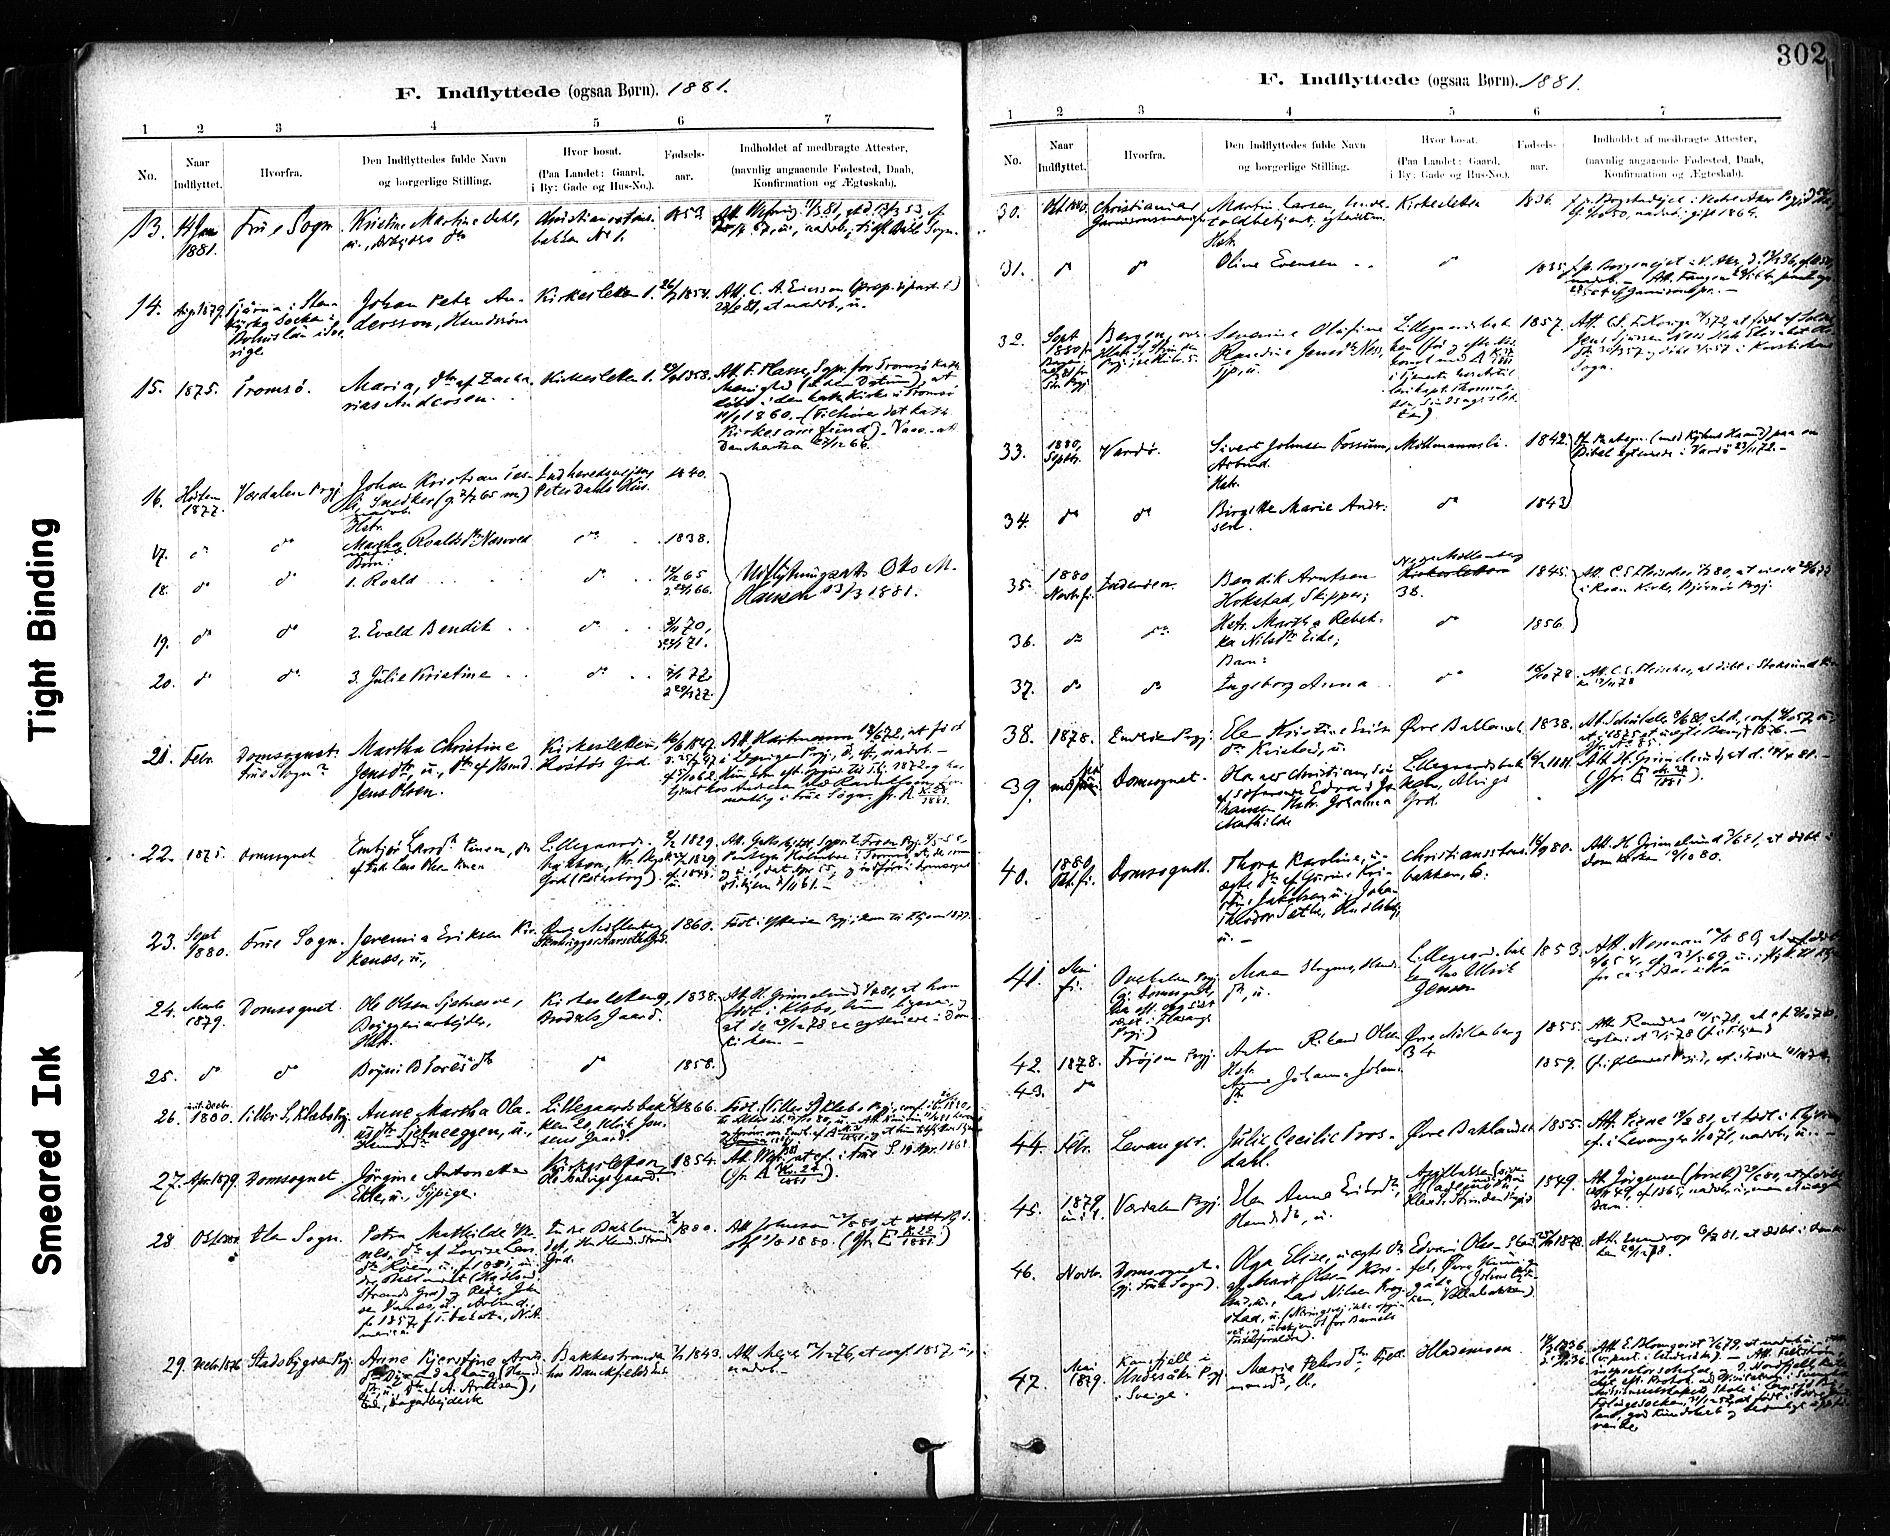 SAT, Ministerialprotokoller, klokkerbøker og fødselsregistre - Sør-Trøndelag, 604/L0189: Ministerialbok nr. 604A10, 1878-1892, s. 302